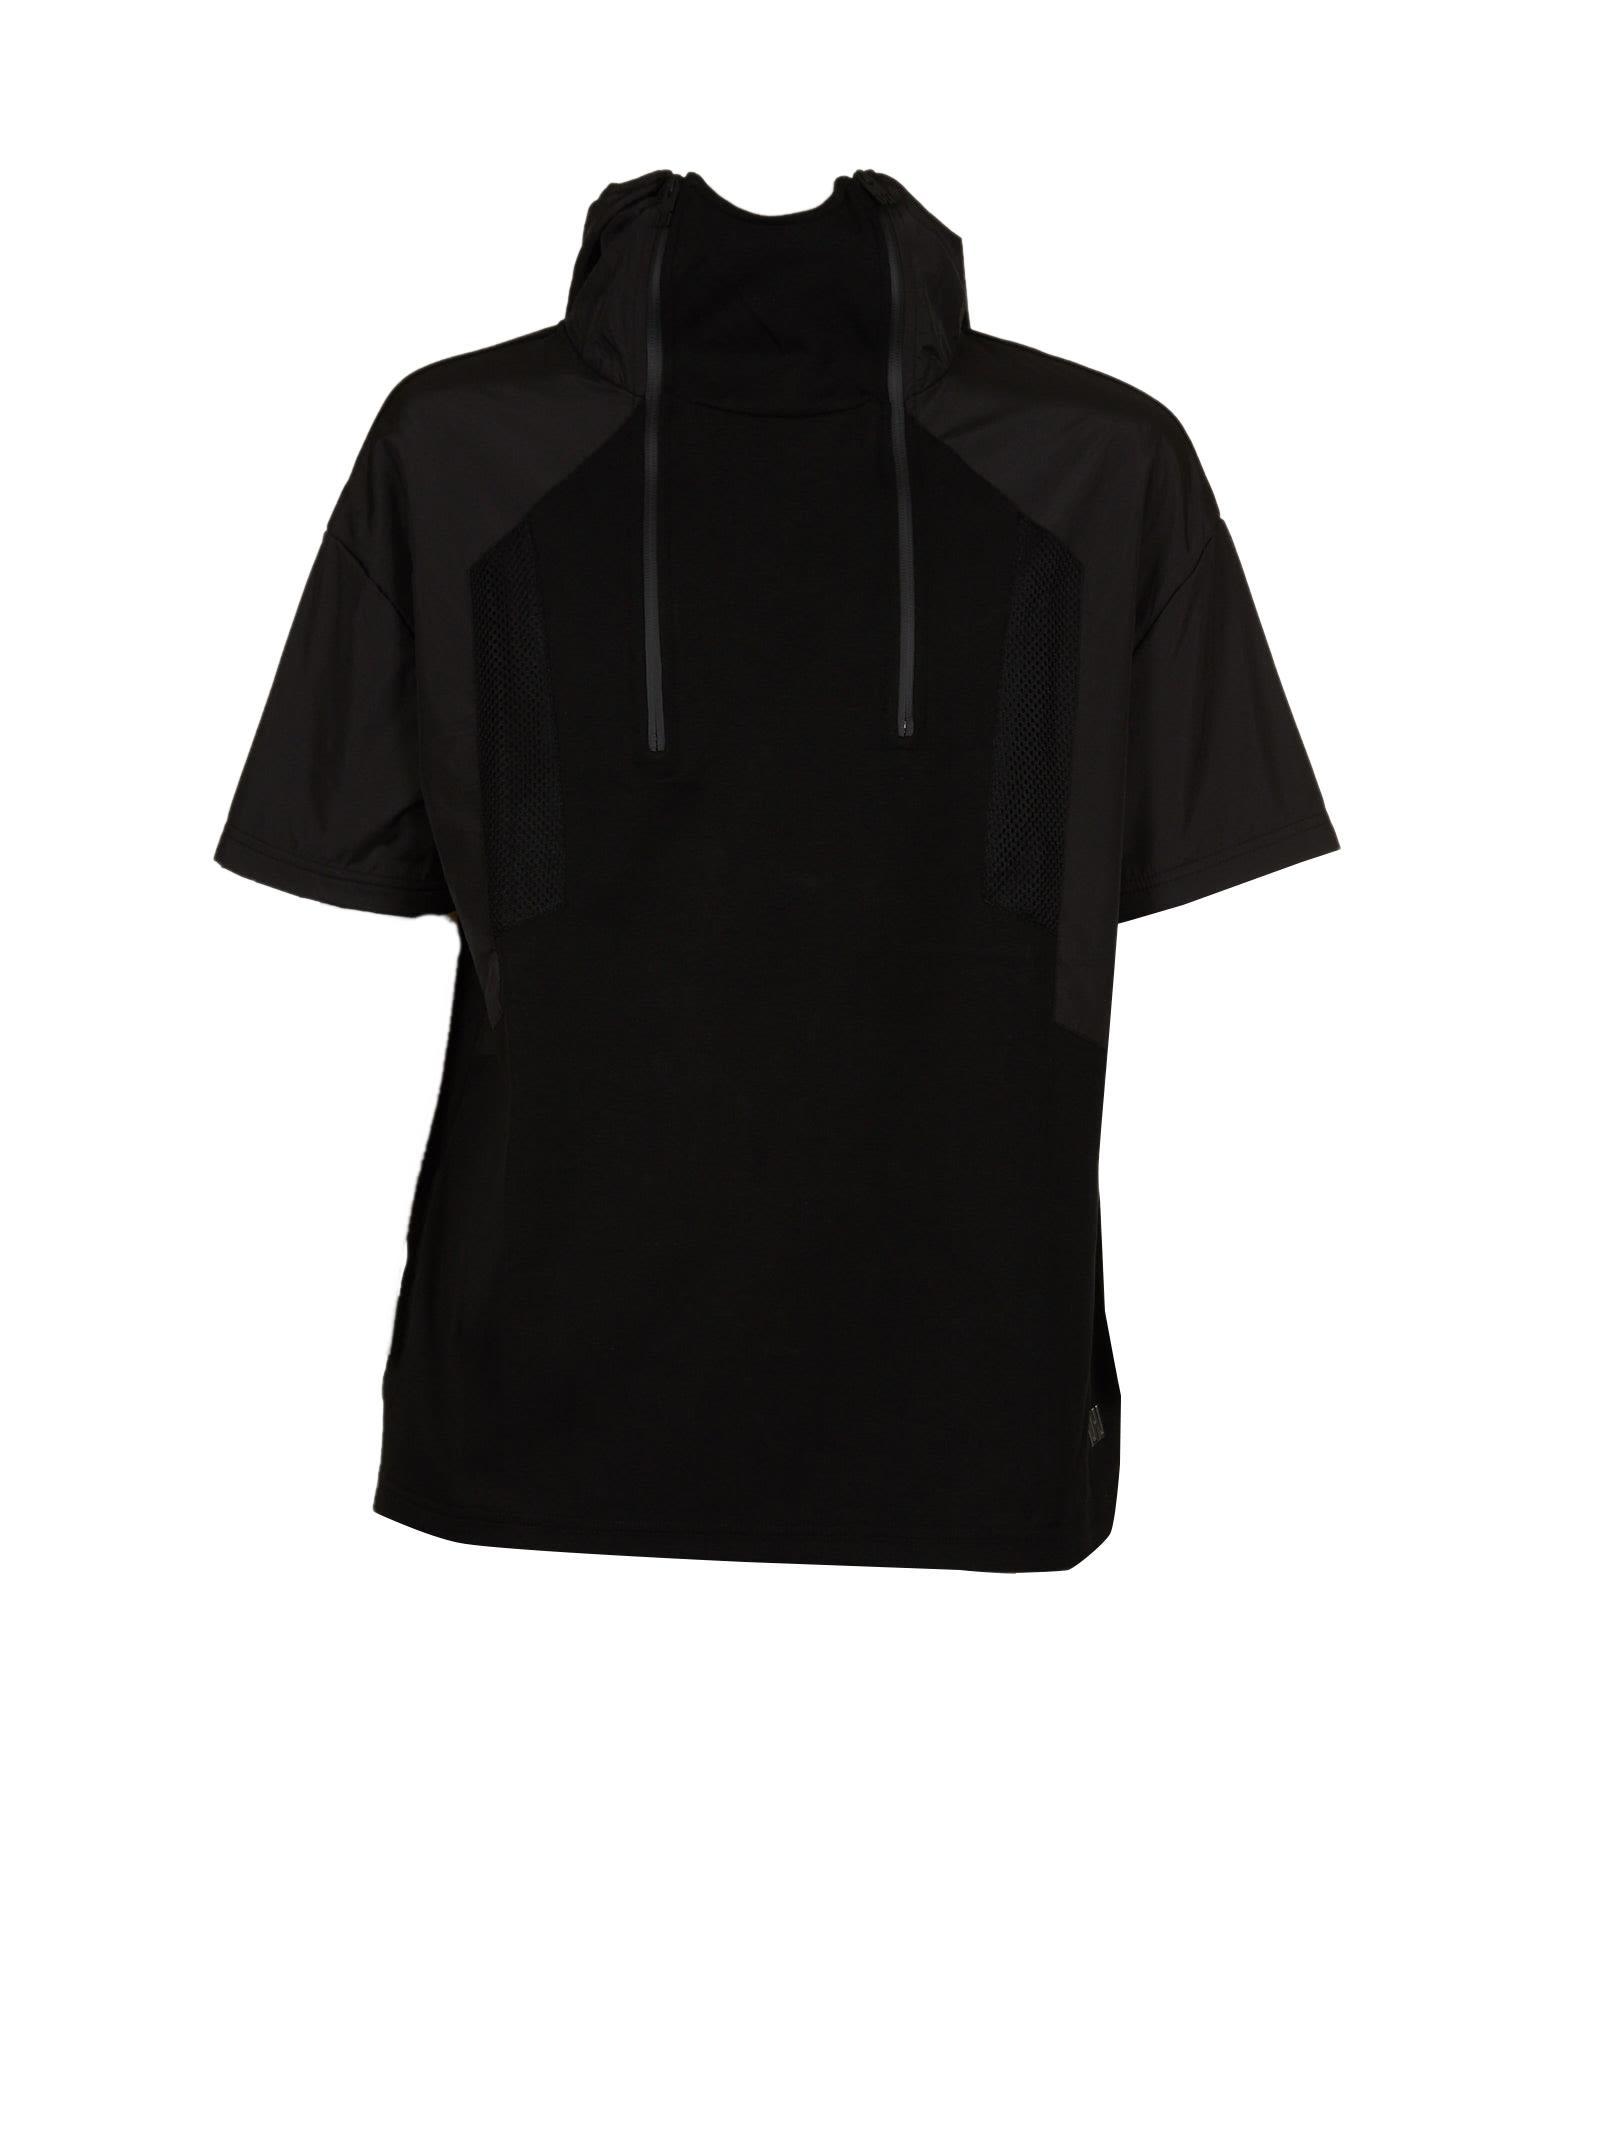 Les Hommes Urban Hooded Sweatshirt